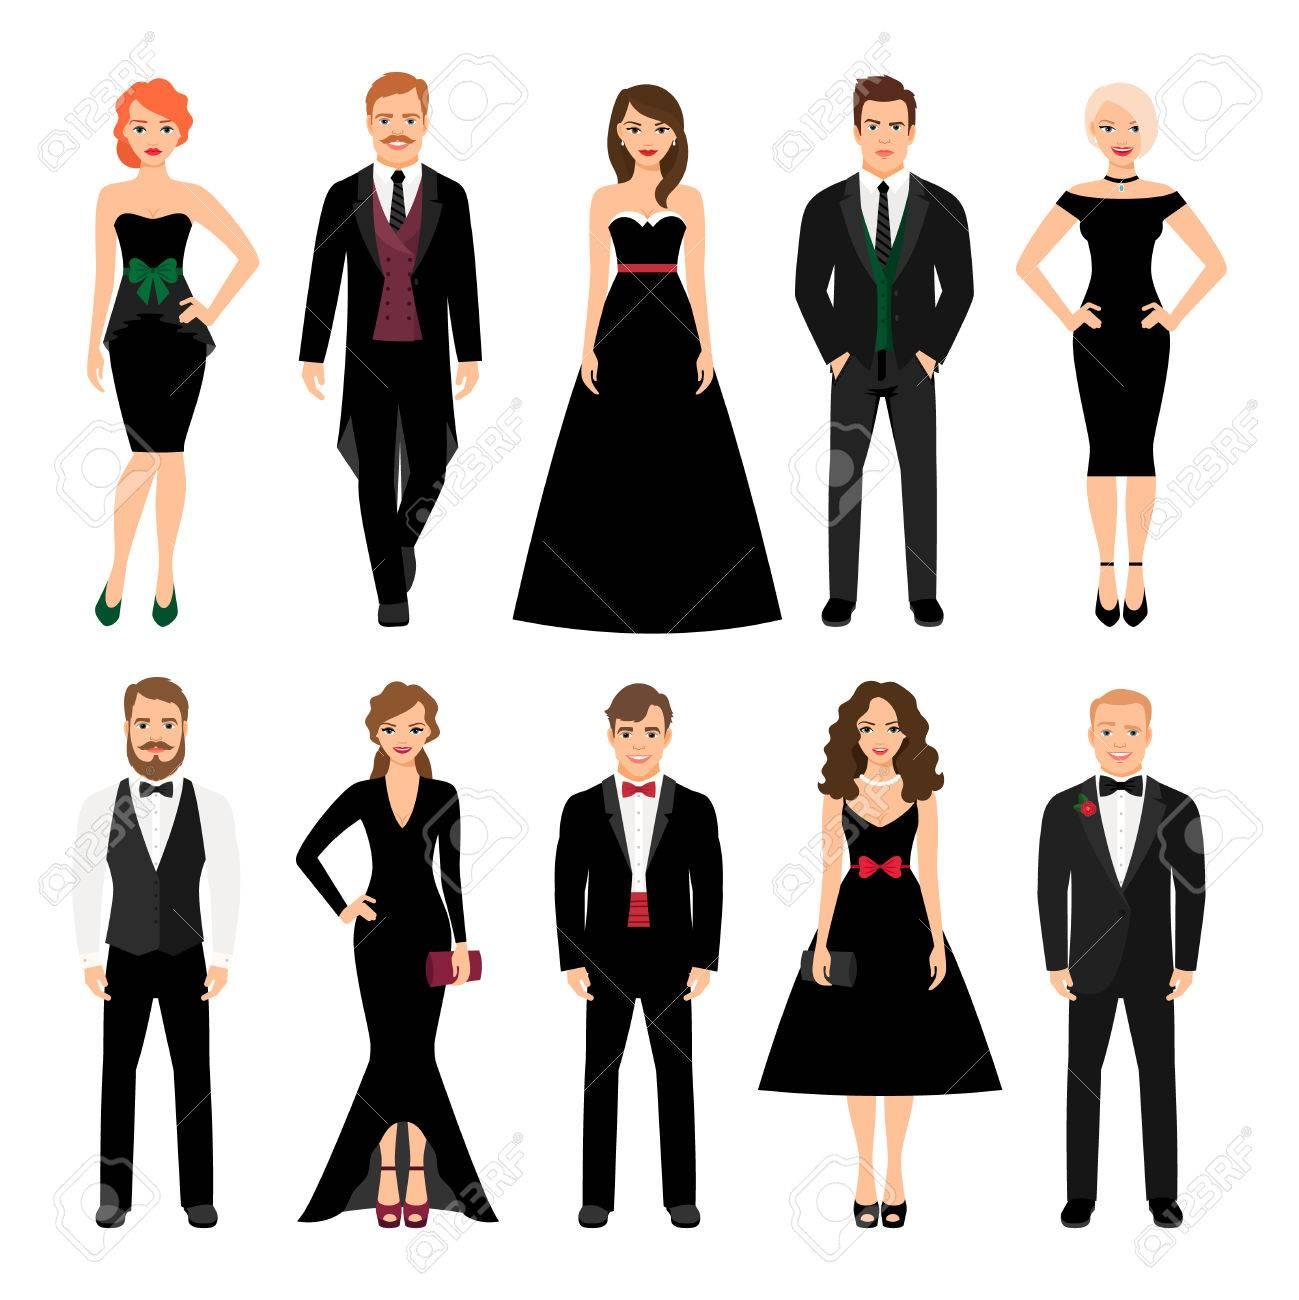 Ilustración Vectorial De La Moda La Gente Elegante Hombres En Trajes De Etiqueta Y Mujeres En Vestidos De Noche Negros Aislados En El Fondo Blanco